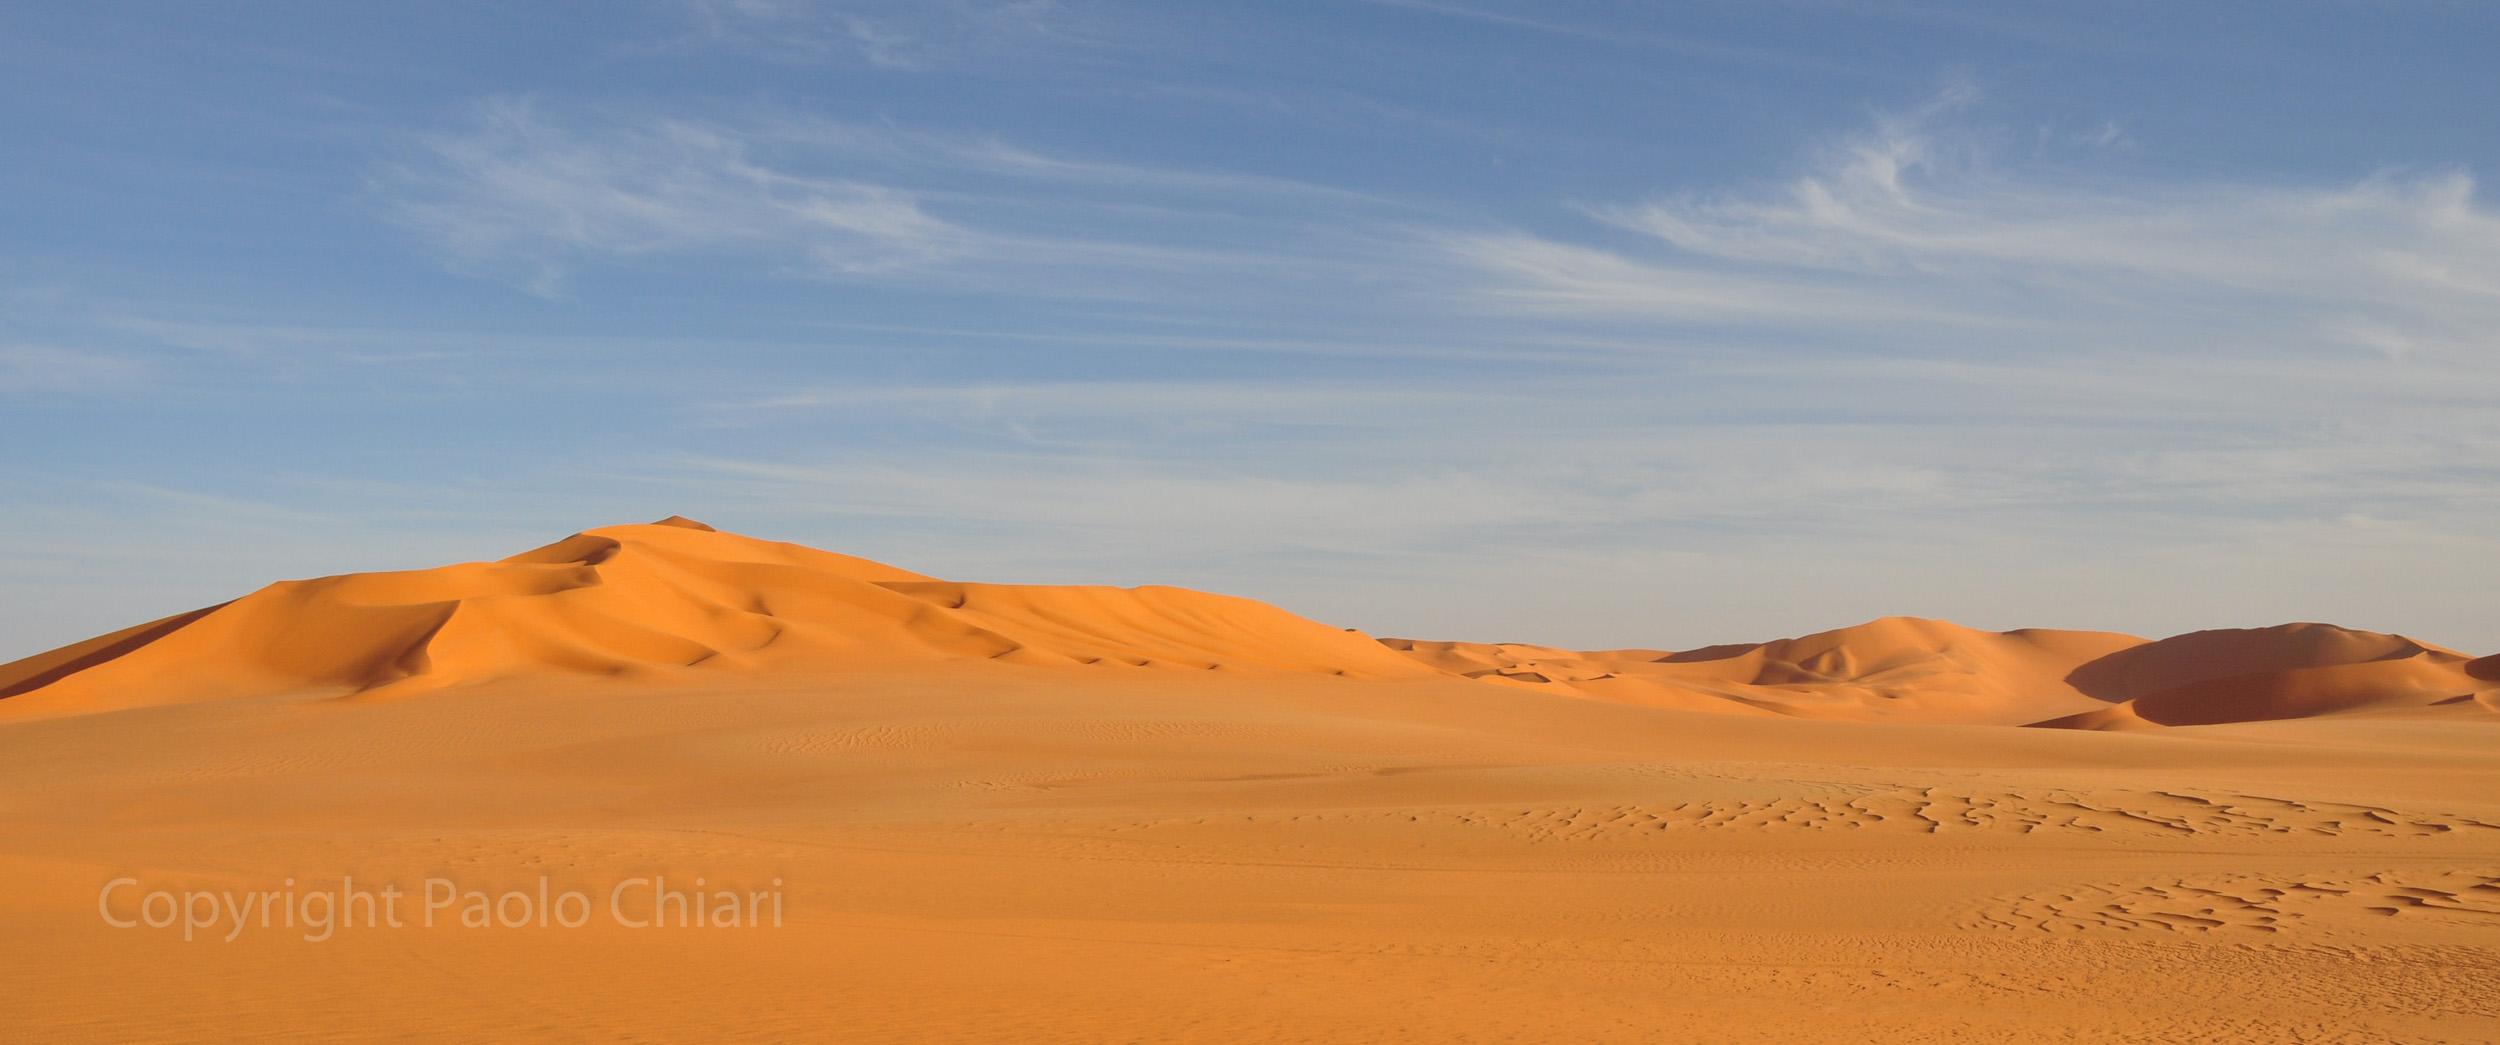 libia2010a_1672